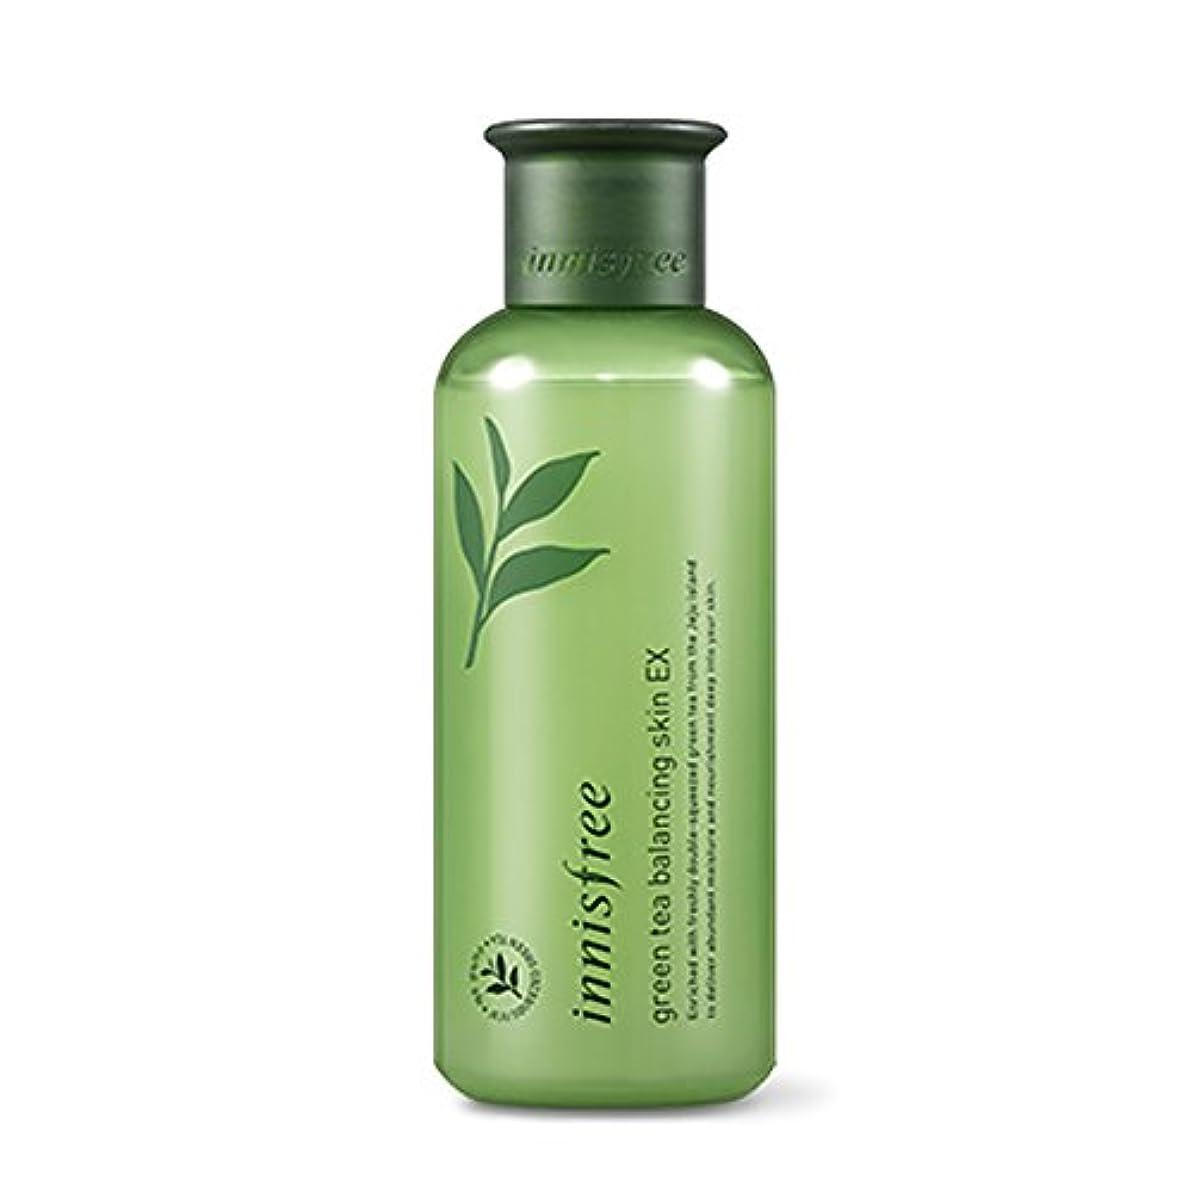 協力する最初に空白イニスフリーグリーンティーバランシングスキン(トナー)200ml Innisfree Green Tea Balancing Skin(Toner) 200ml